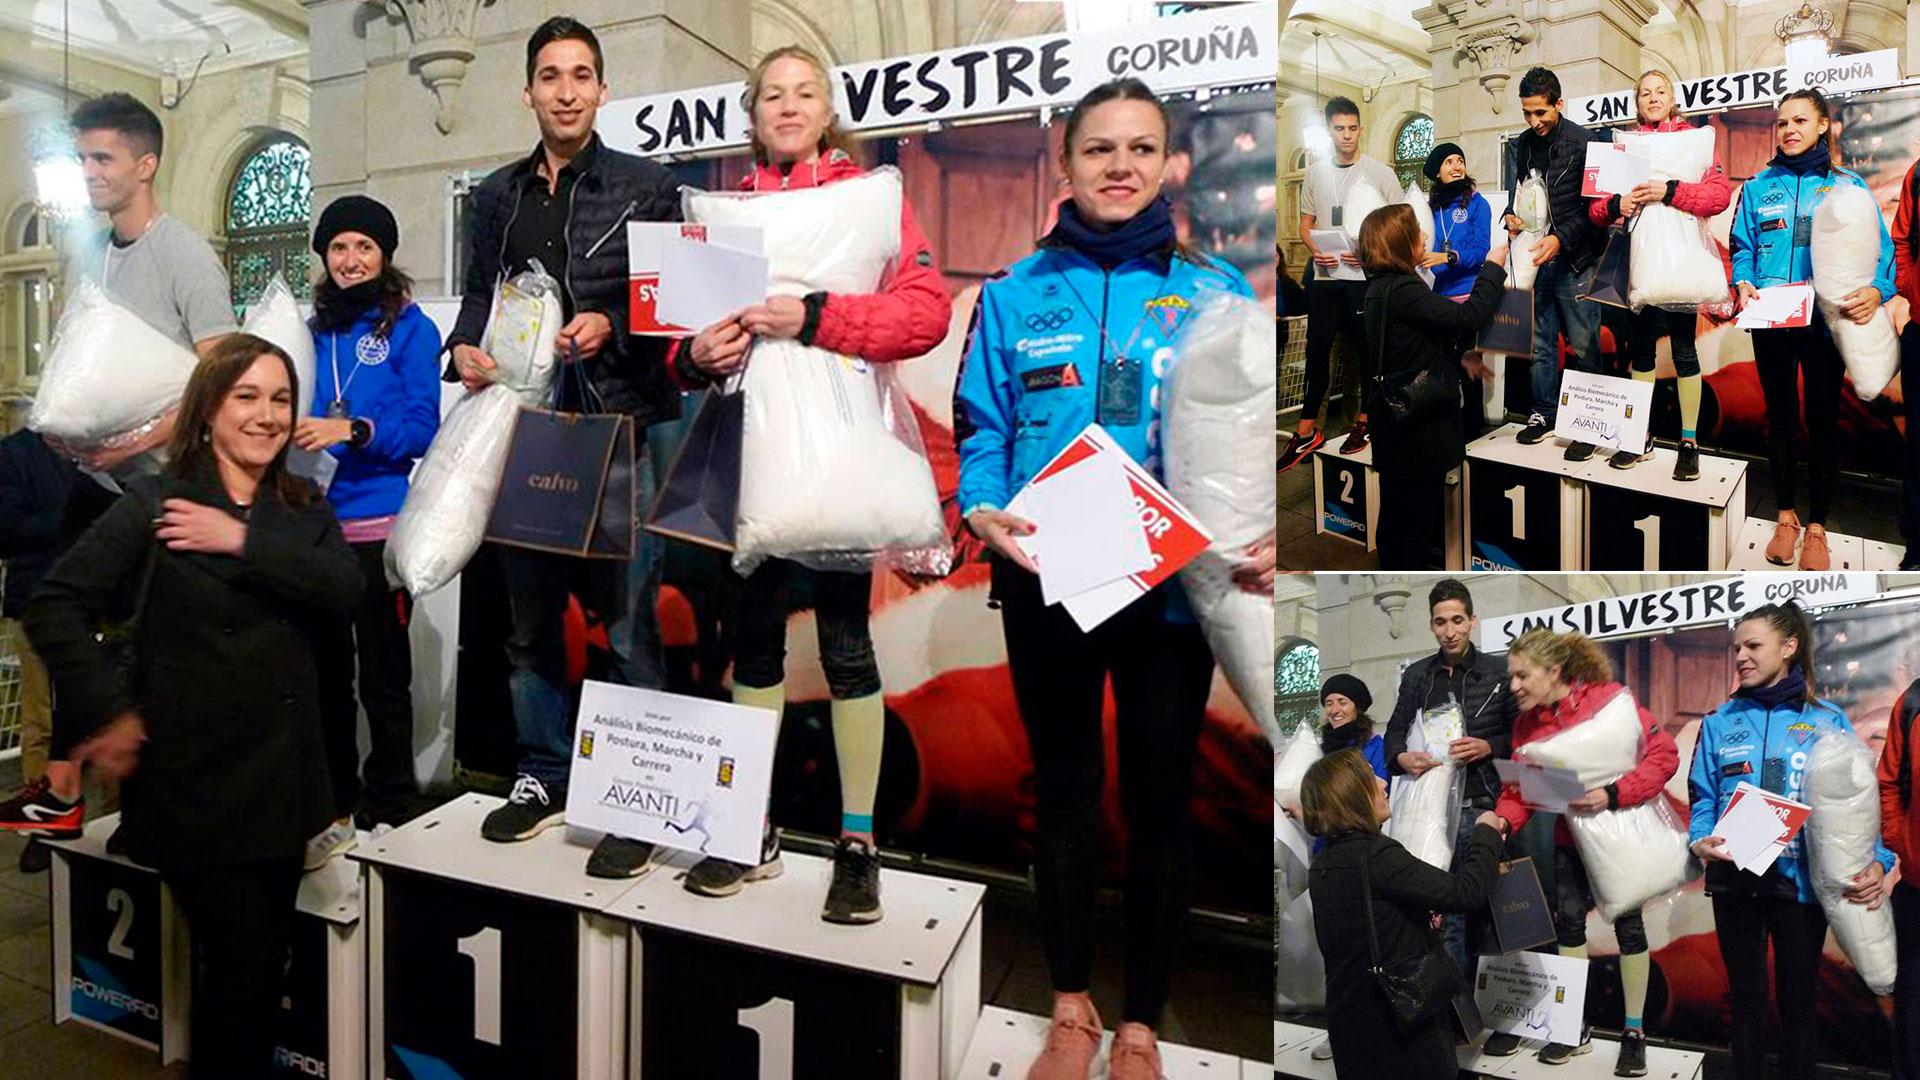 Joyería Calvo Premia al 1º y 2º Ganador de la IX San Silvestre Coruña con un Reloj Nixon